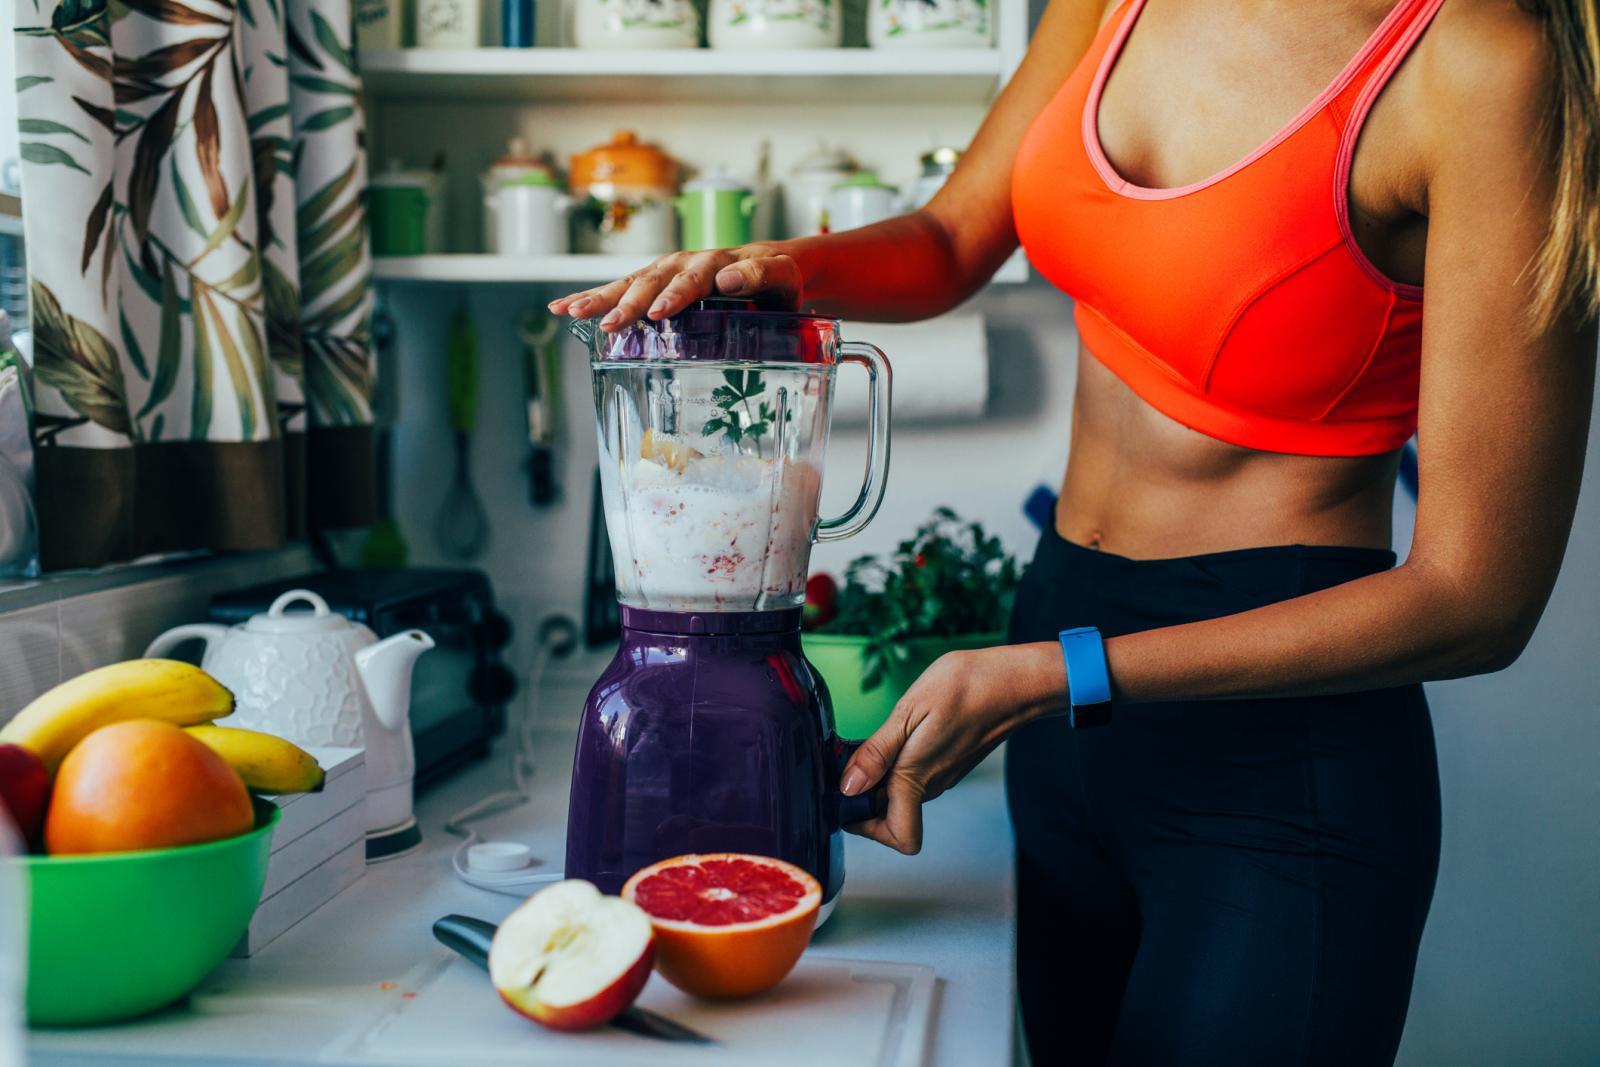 Odlazak na trening bez prethodnog obroka nije mudar potez jer je tijelu potrebna energija za napore.